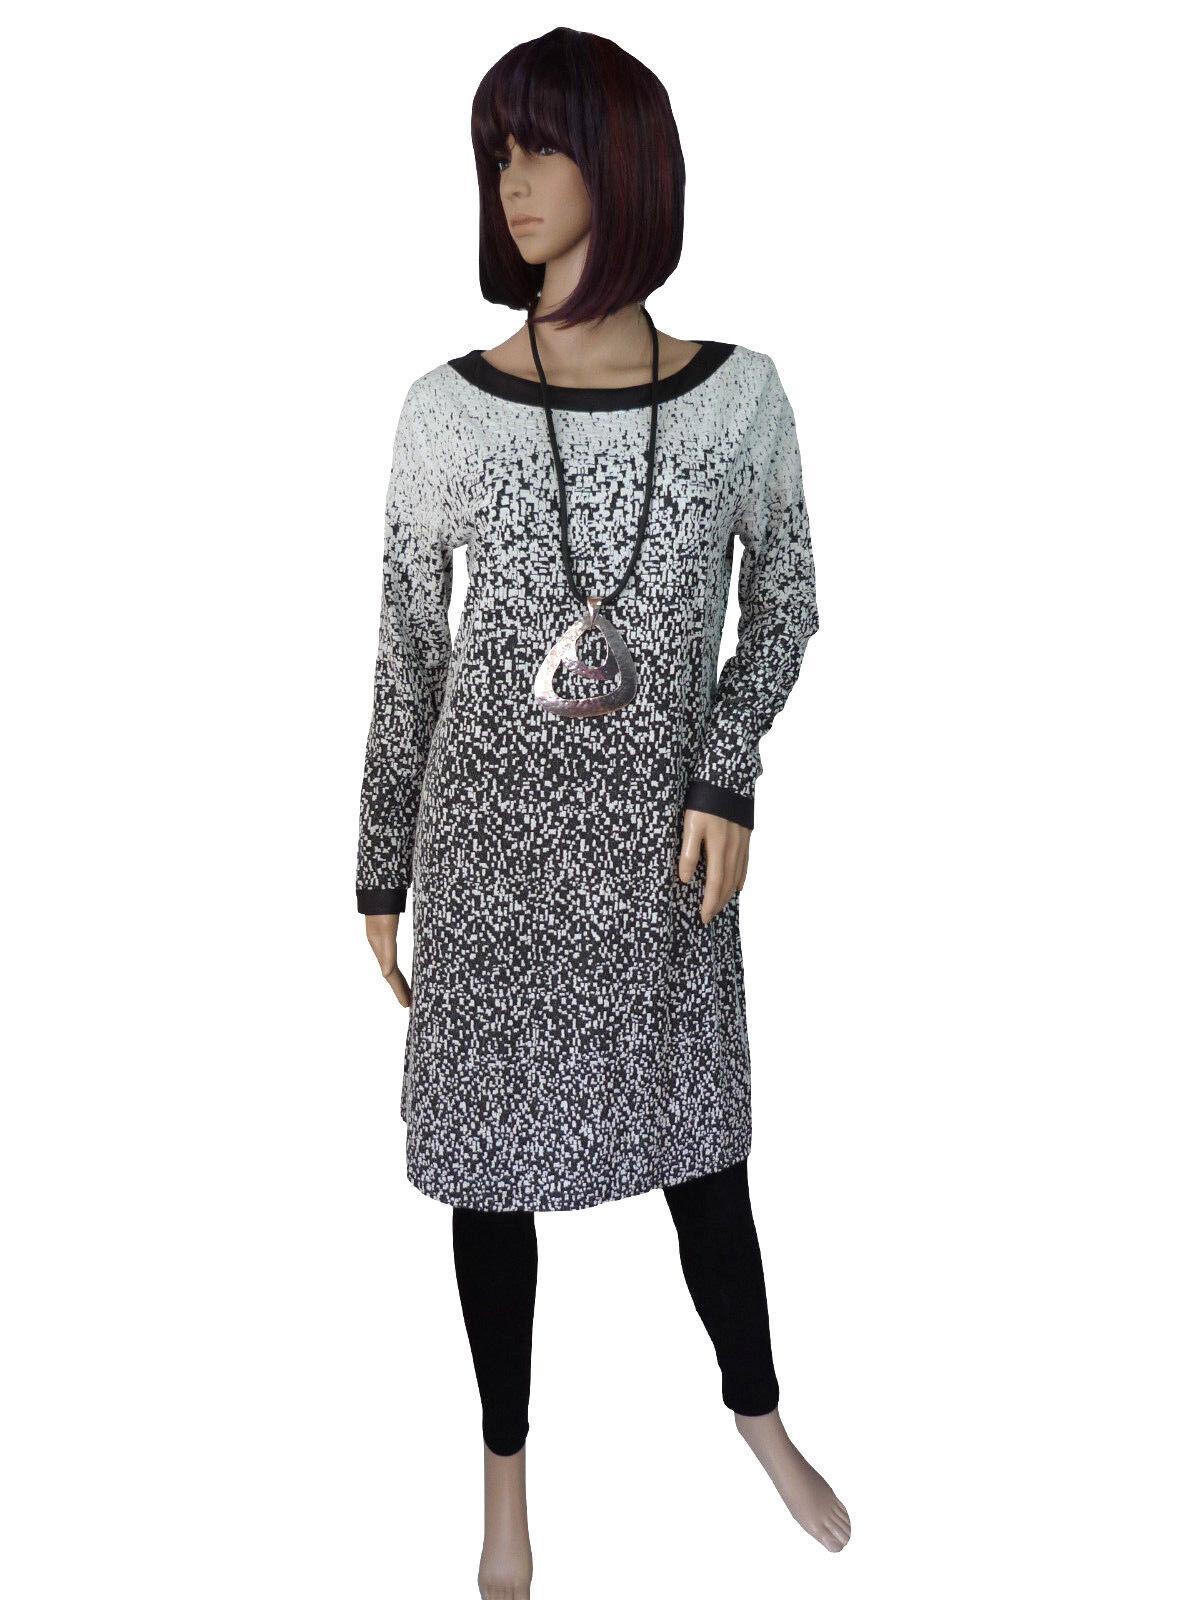 Gr. M und L Leins´ elegantes edles Kleid Kleid Kleid schmal und figurbetont white Anthrazit 2df303